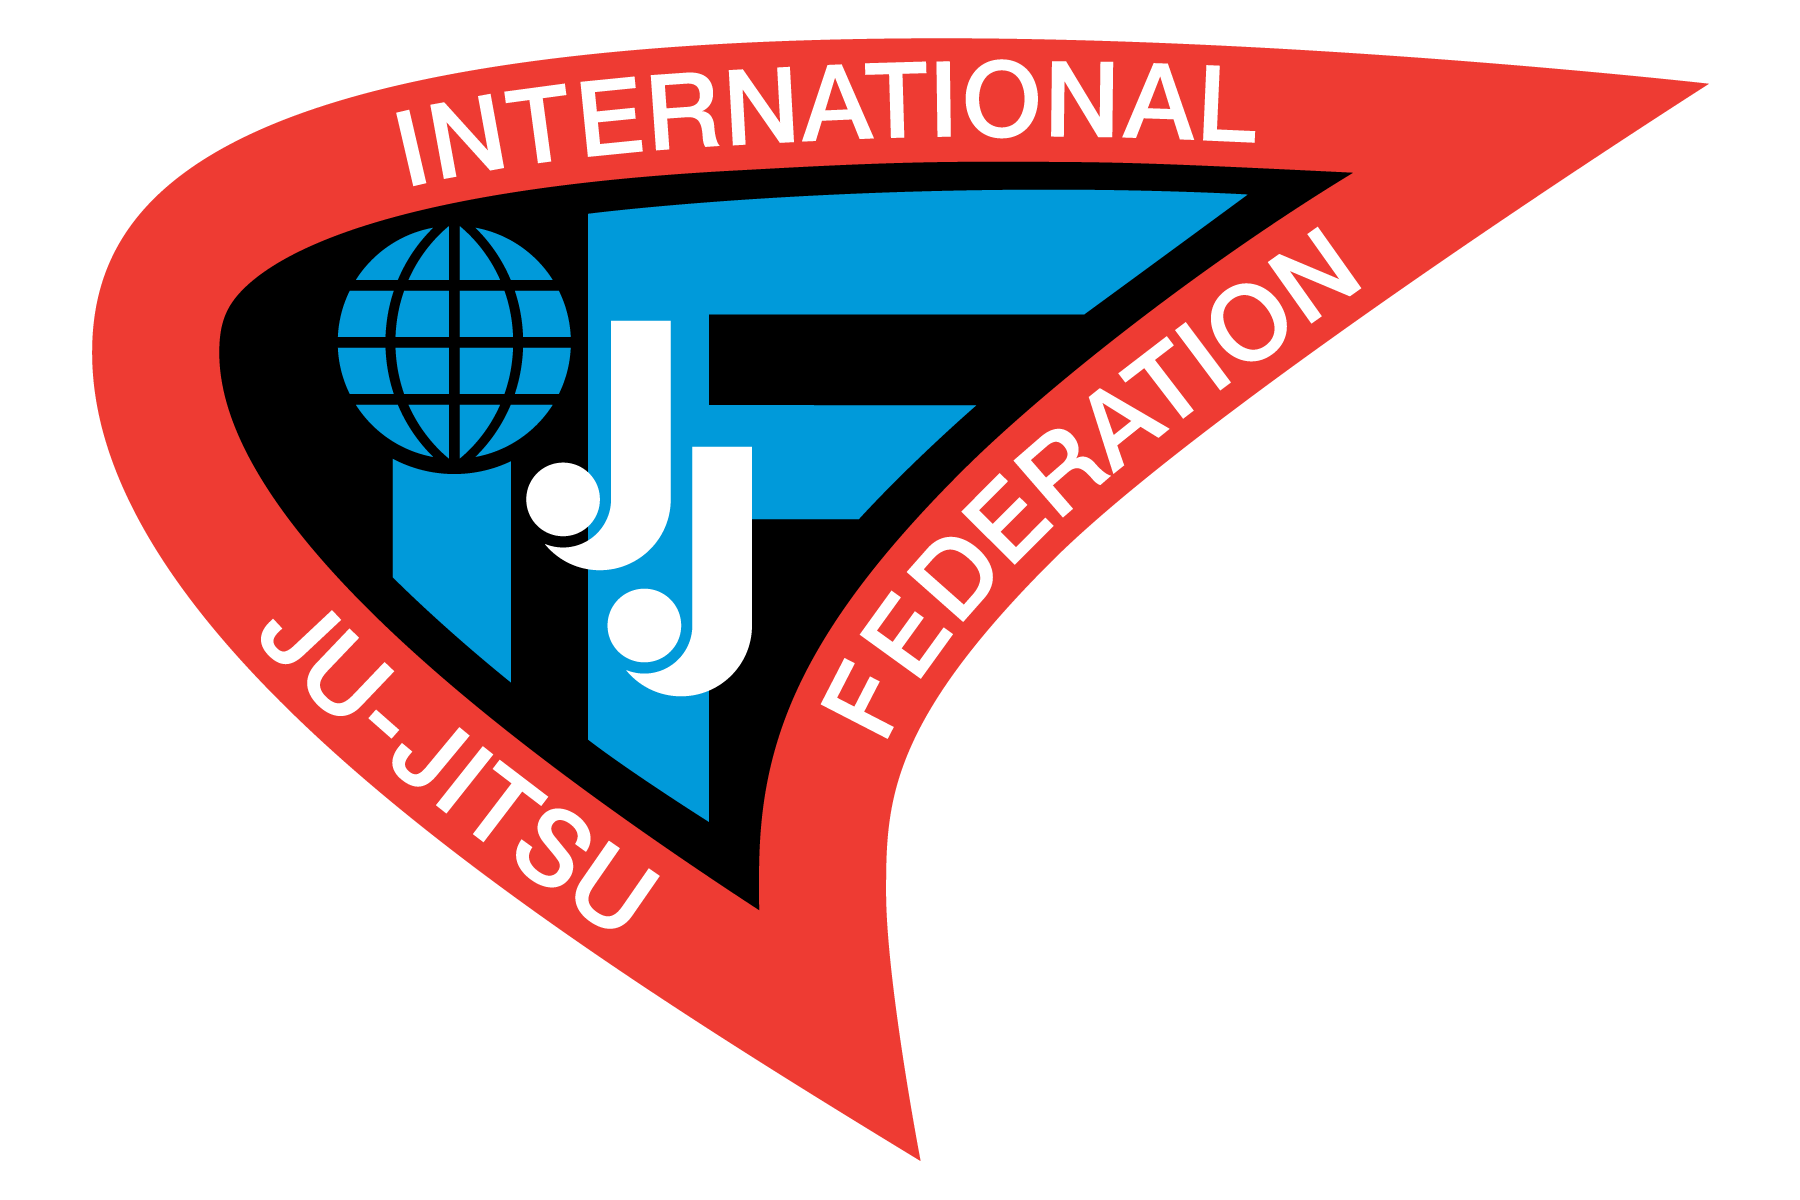 International Ju-Jitsu Federation